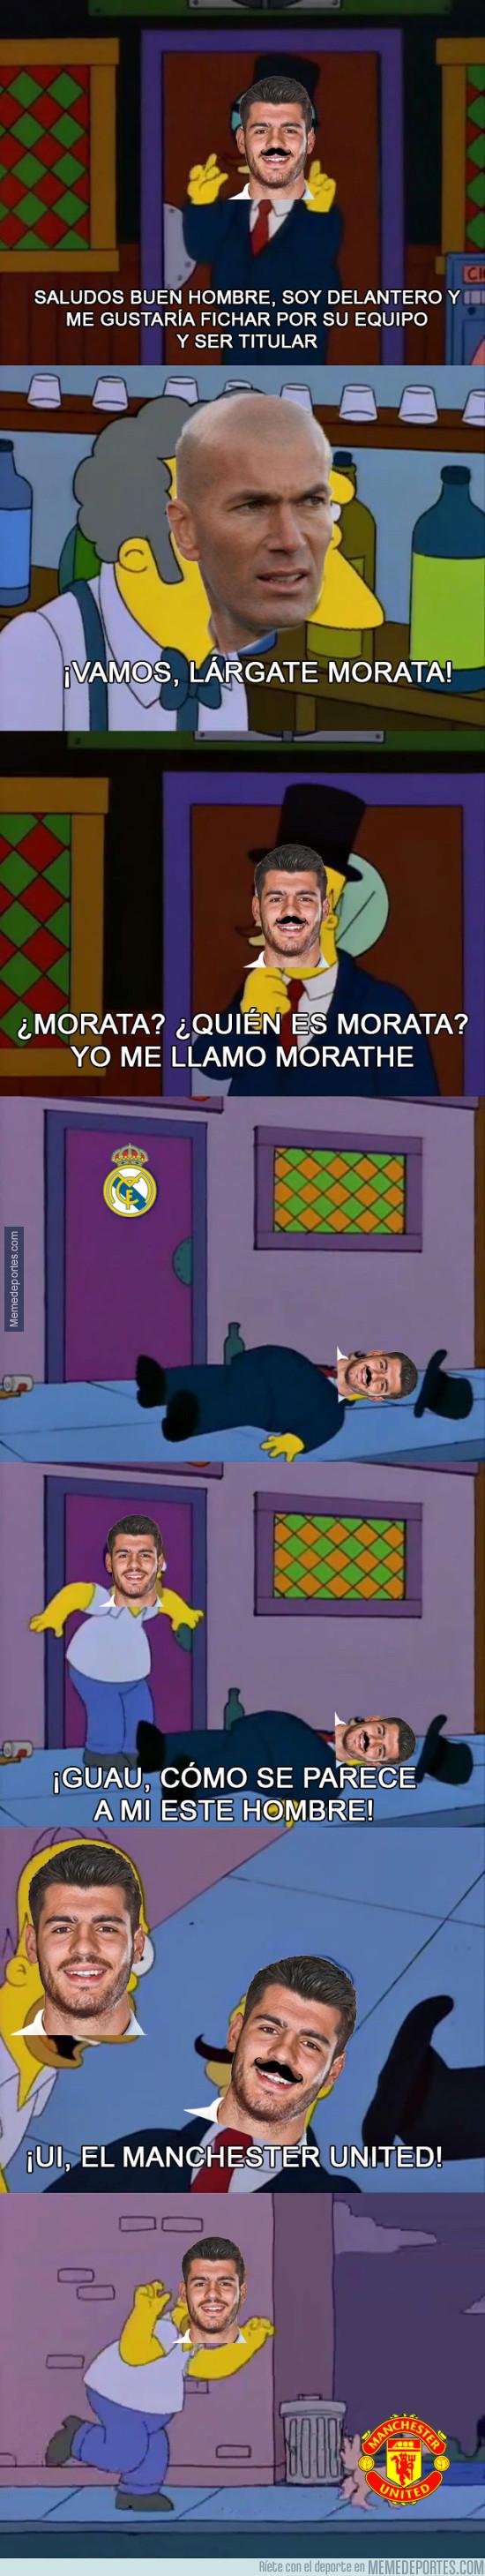 981196 - Situación actual de Morata en el Real Madrid